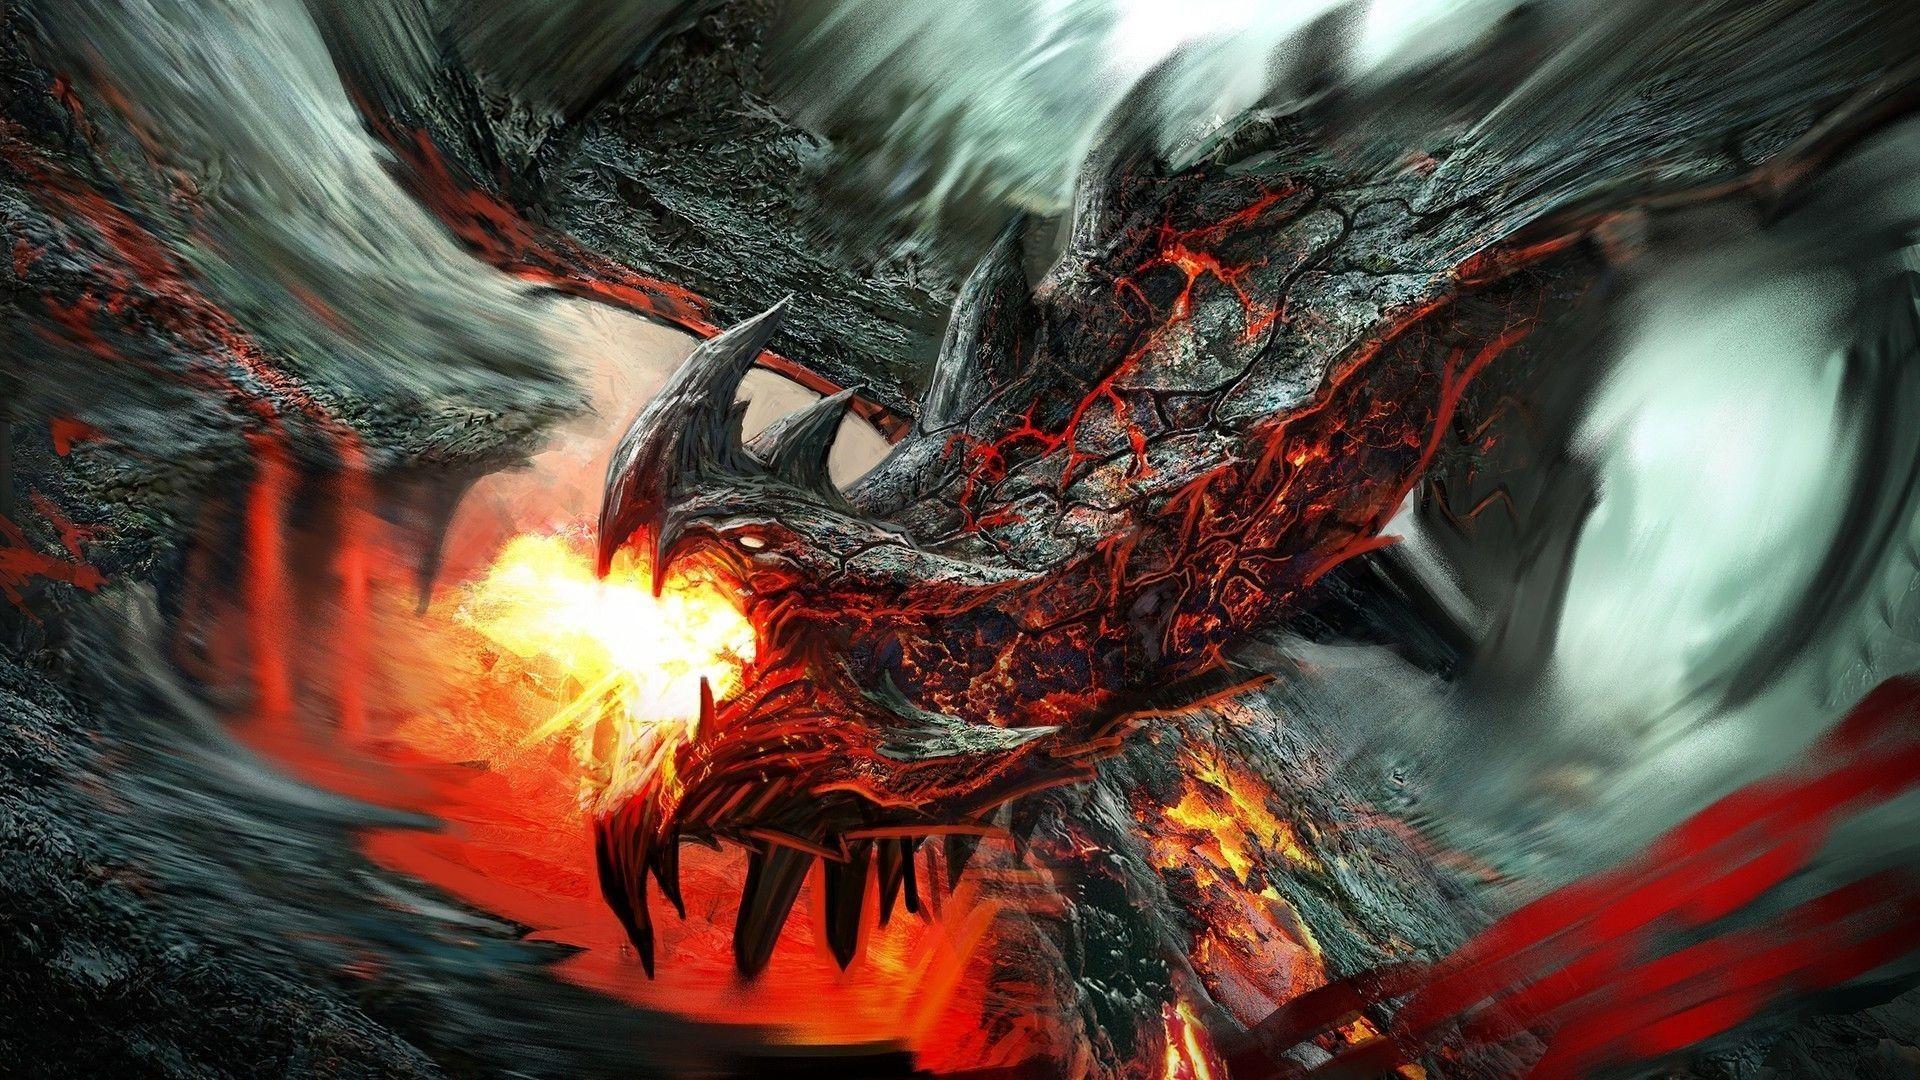 Res: 1920x1080, Dragon wallpaper HD